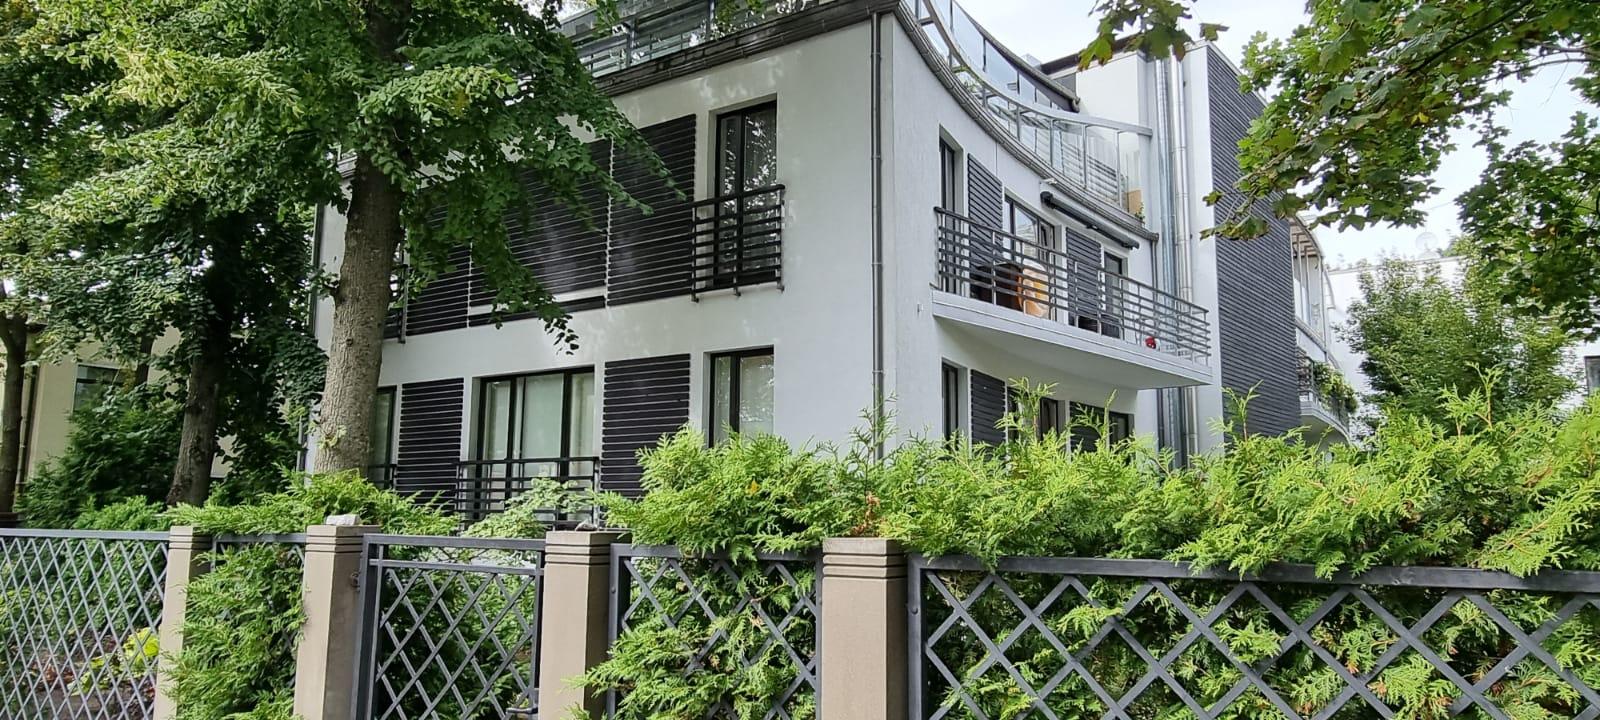 Для молодой семьи сдаётся 2-комнатная квартира в Булдури